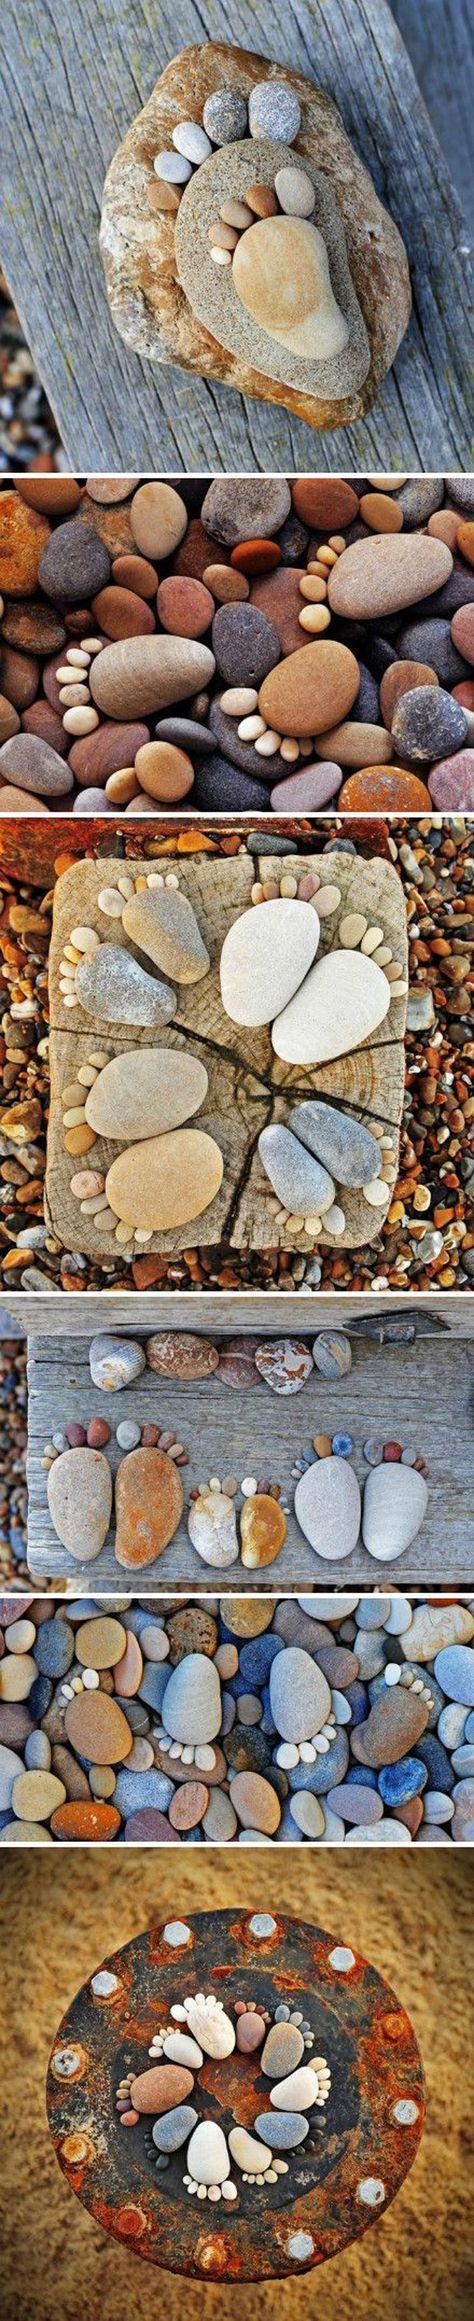 Cuando las piedras se transforman en huellas - Guioteca